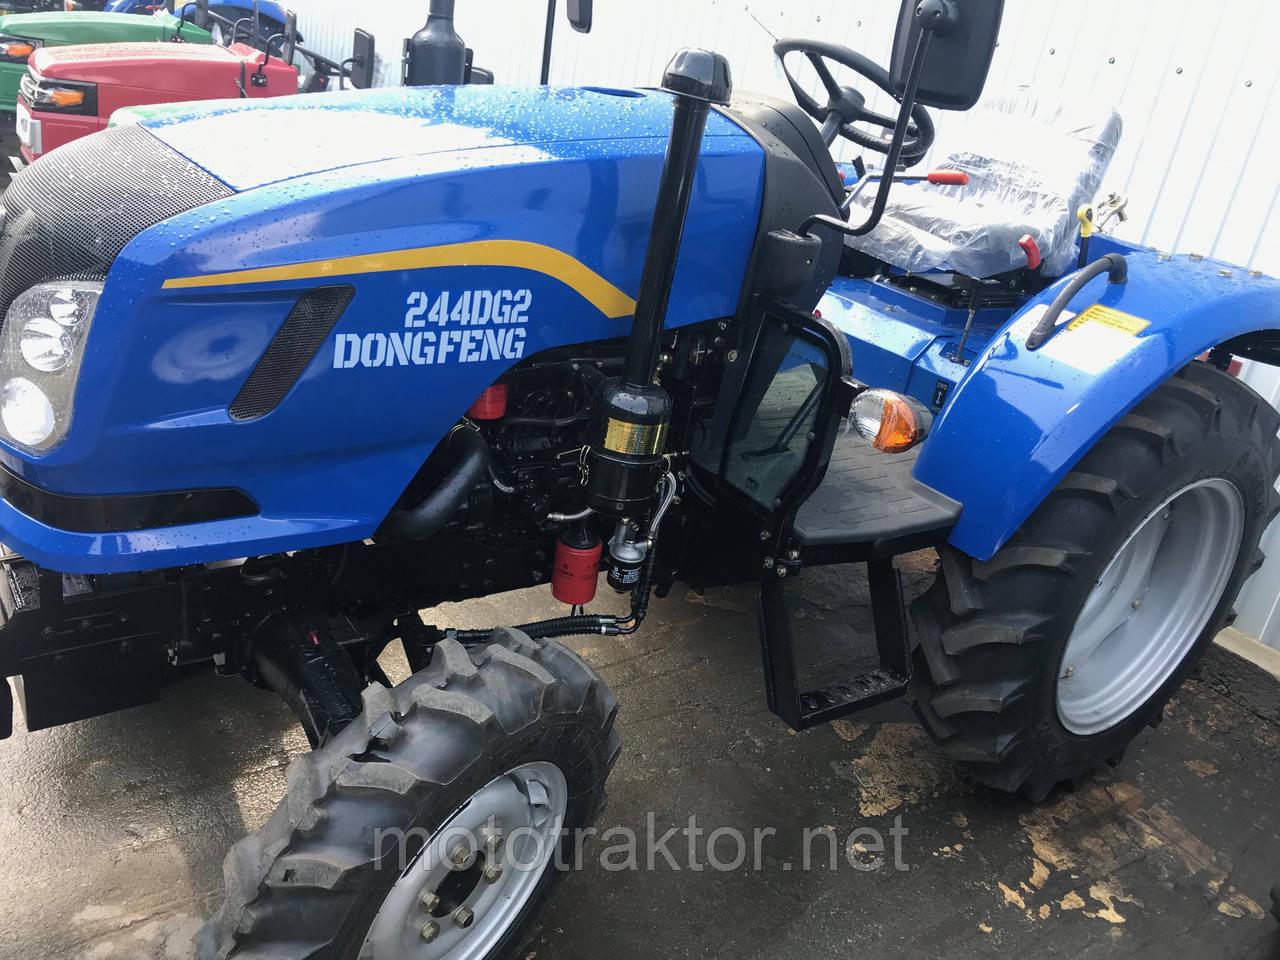 Трактор с доставкой DONGFENG 244DG2 Реверс